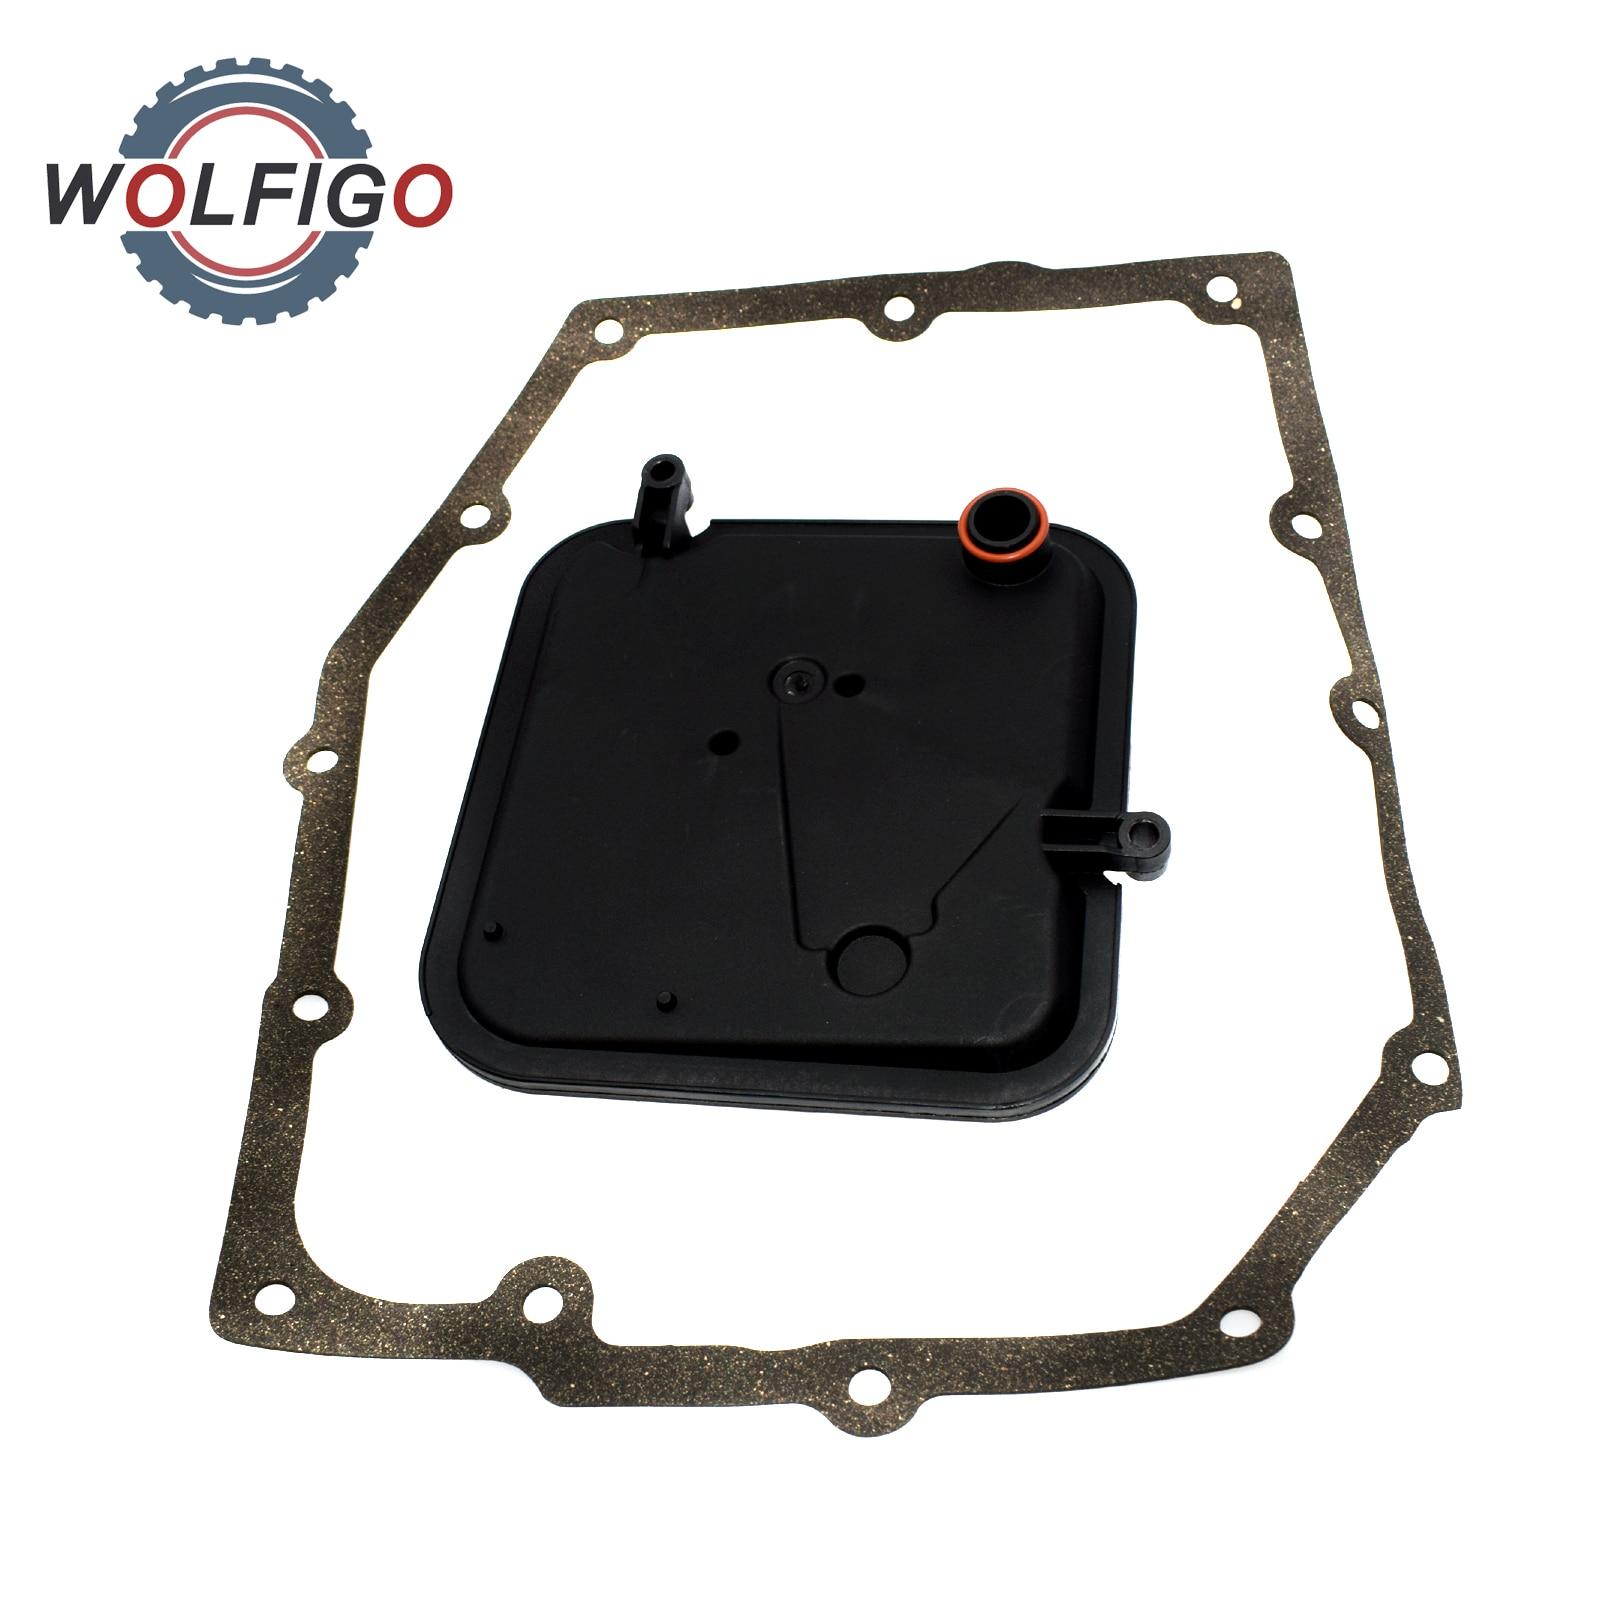 WOLFIGO Auto Trans uszczelka filtra dla Jeep Liberty Dodge Dakota ładowarka Magnum Nitro RAM 1500 CHRYSLER 300 2003- 52852913AA